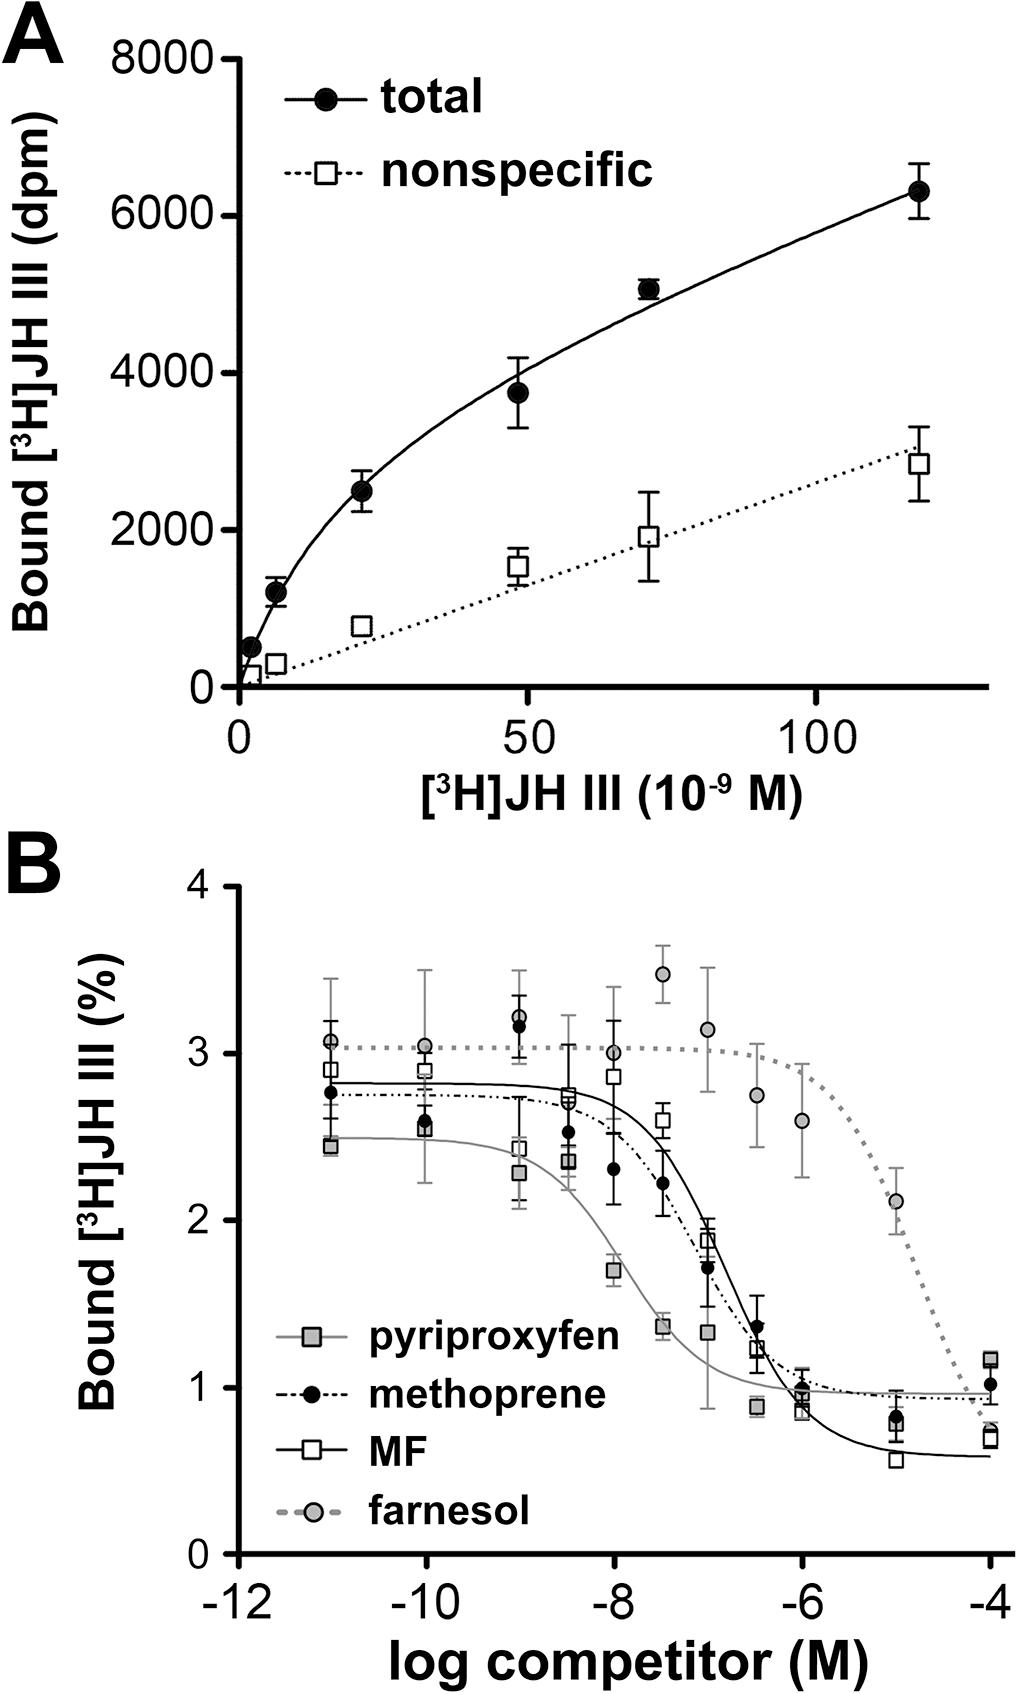 Binding of Gce by JH III, methyl farnesoate (MF), pyriproxyfen, and methoprene.